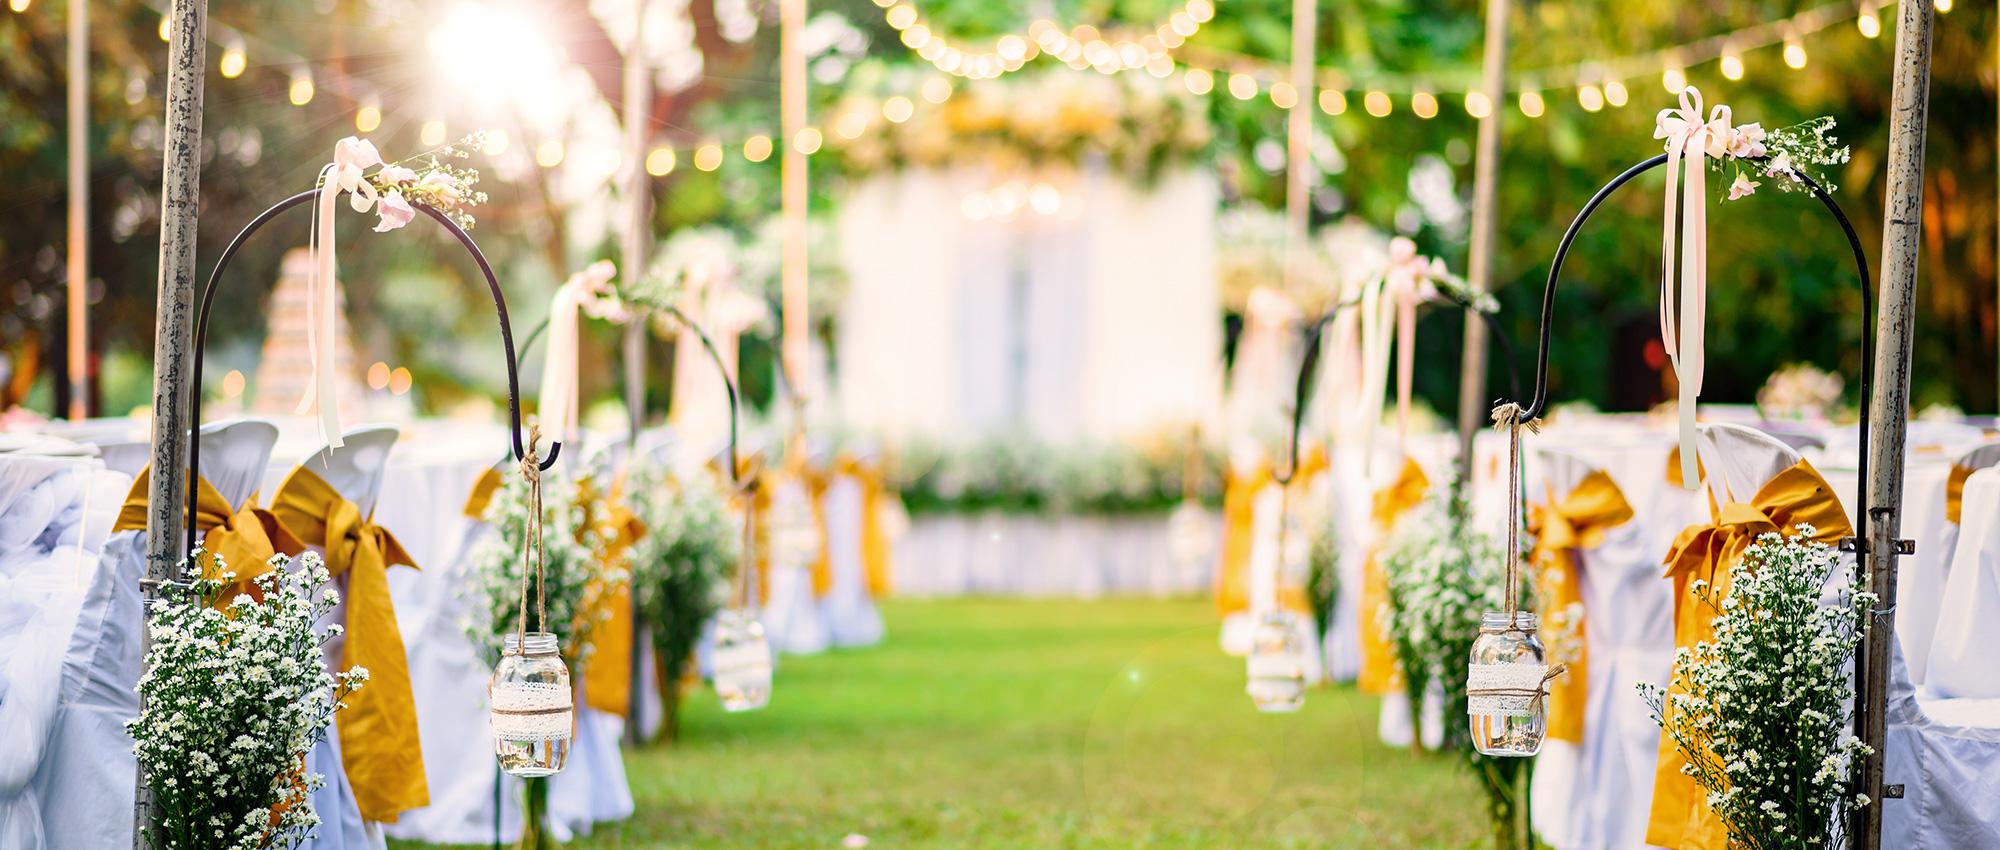 Julie Byrne - Wedding Celebrant Melbourne